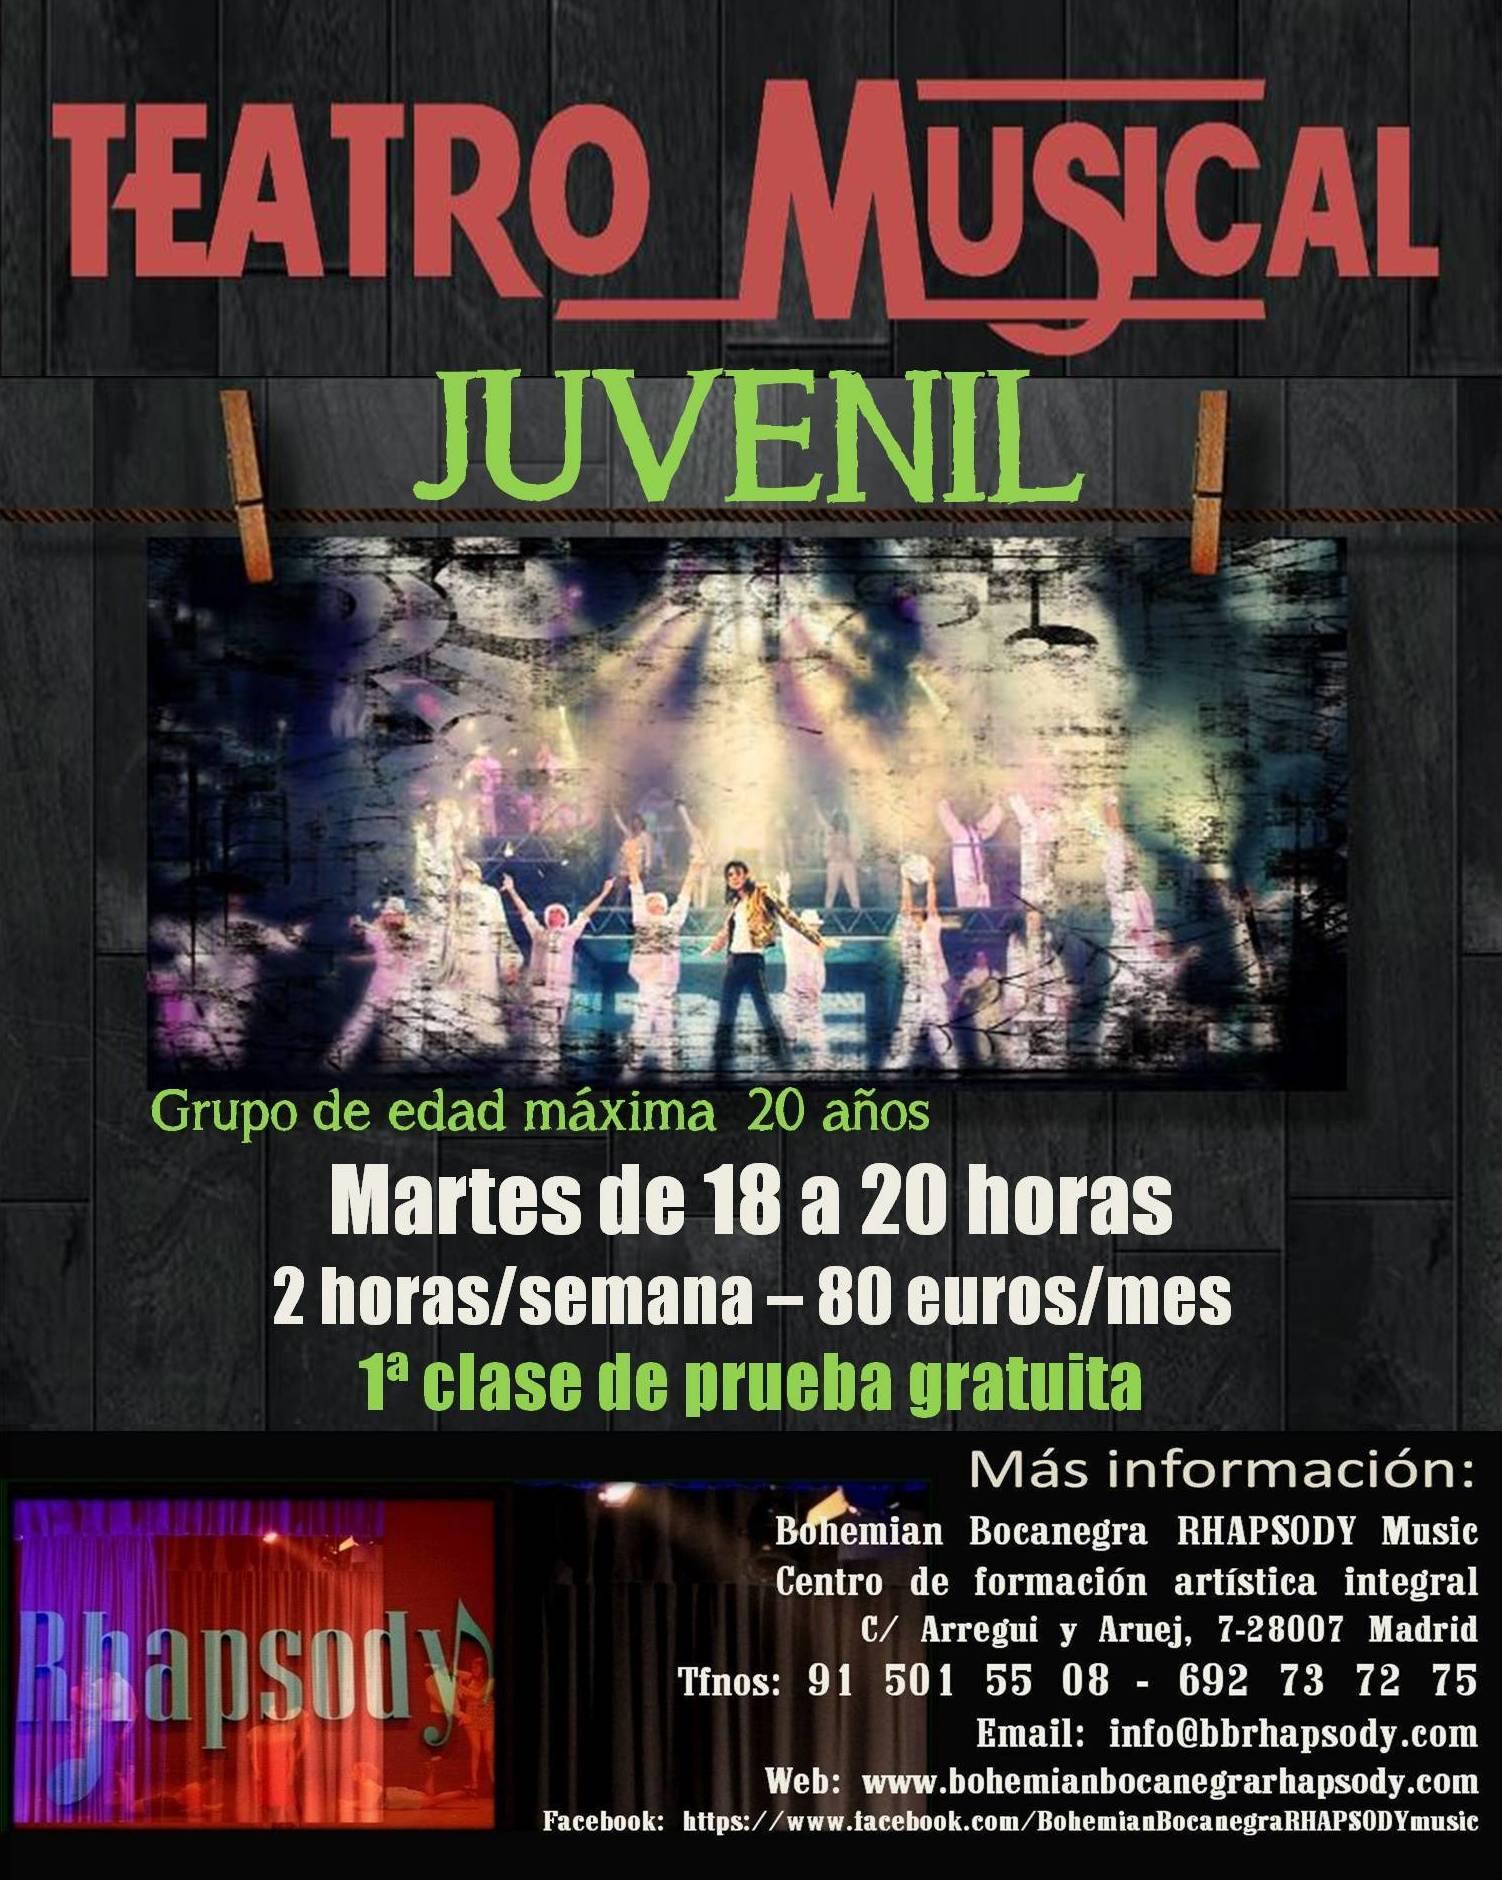 TEATRO MUSICAL JUVENIL